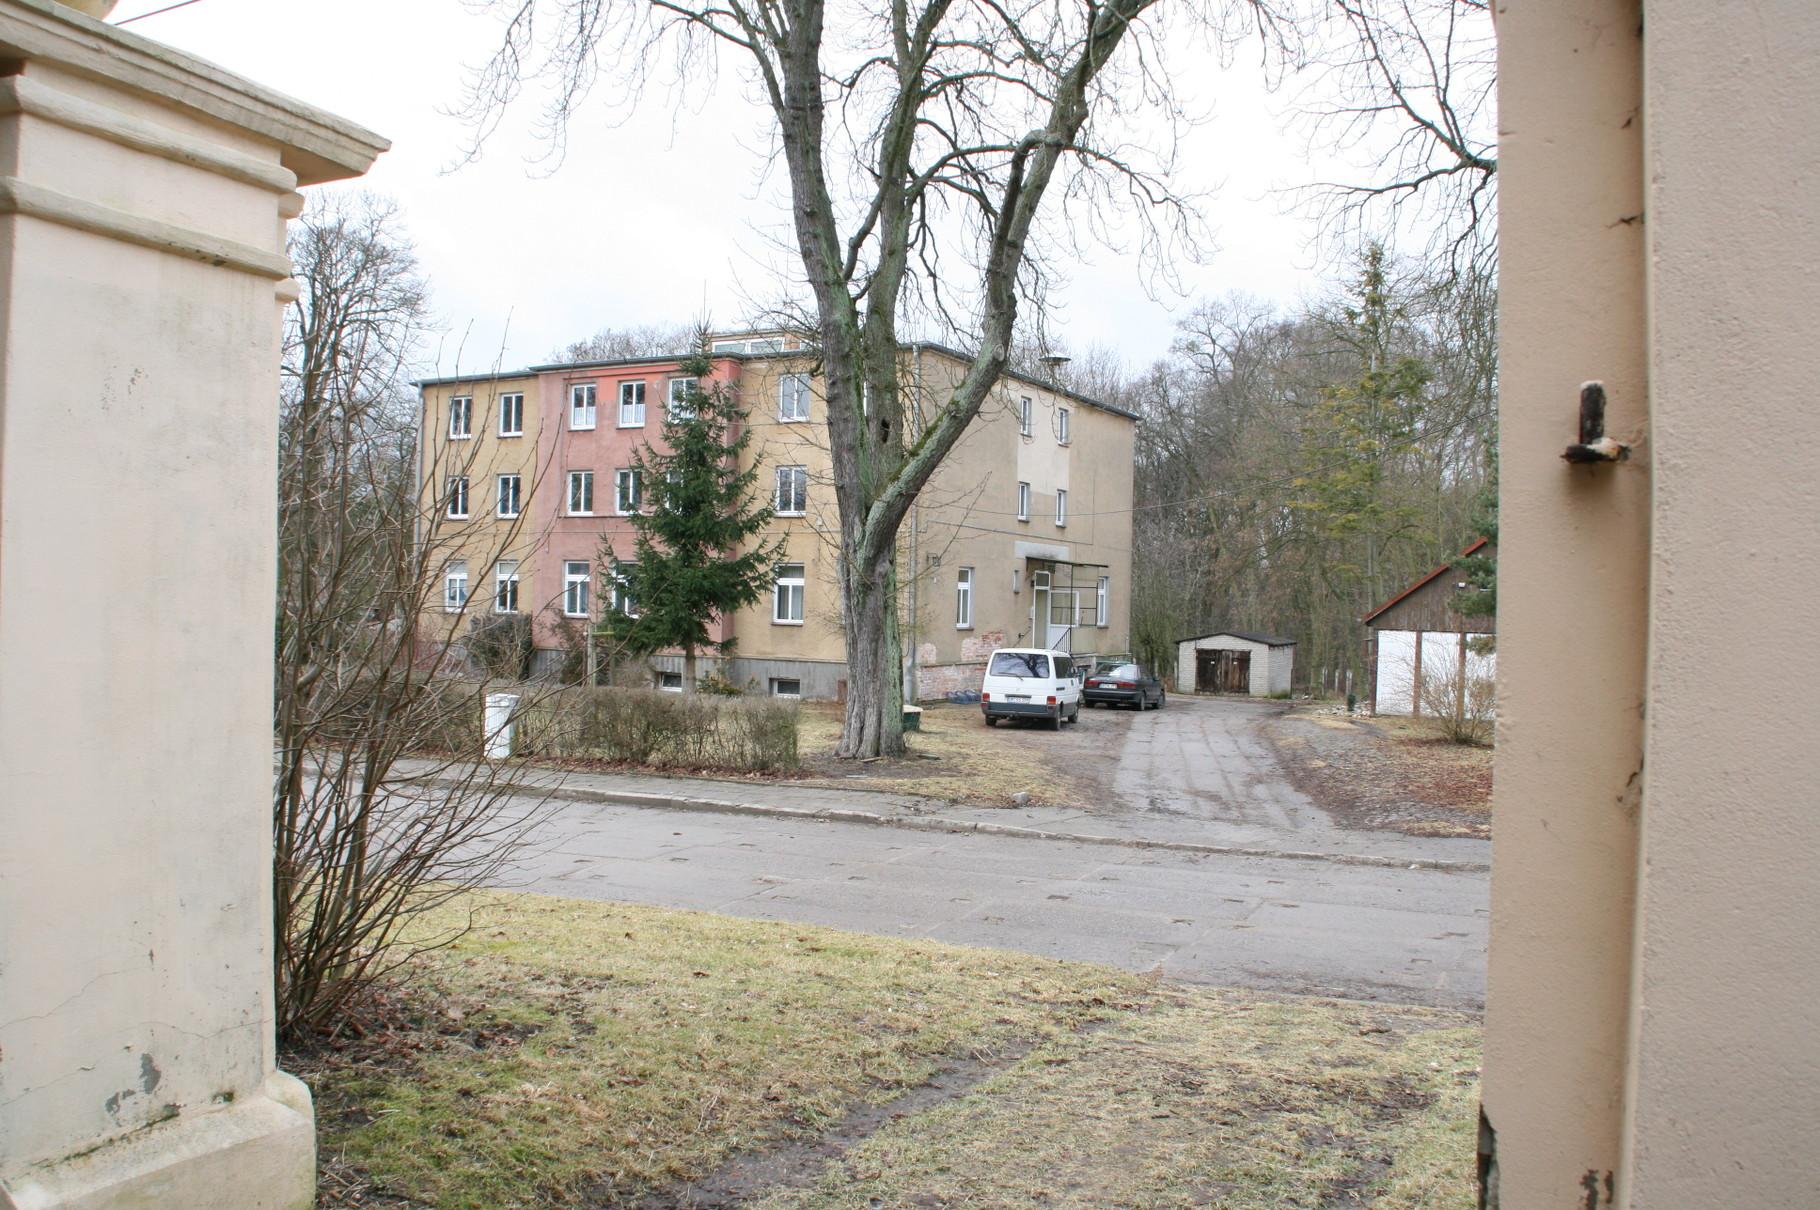 Im nach dem Krieg zu einen Mehrfamilienhaus umgebauten Gutshaus lebte der Vater Leopold von der Hagen. Seine Mutter war die 31-jährige Magd Dorothea Elisabth Bischof. Der kleien Friedrich, der erst 1803 das preußische Adelsdiplom erhielt, wuchs in Prenzla